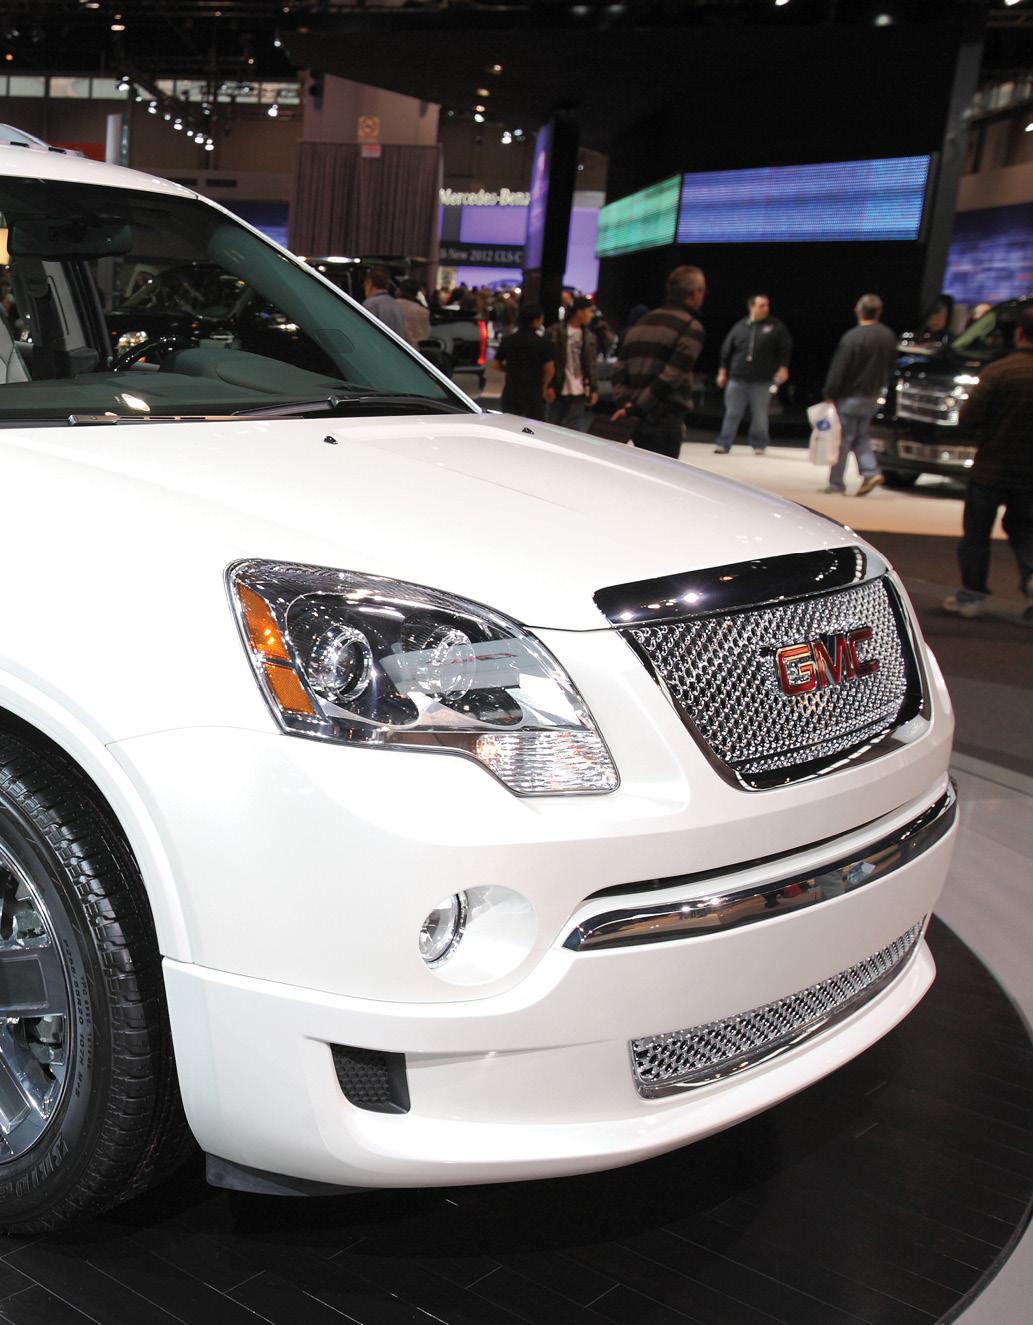 Leggat_Chevrolet_240510053